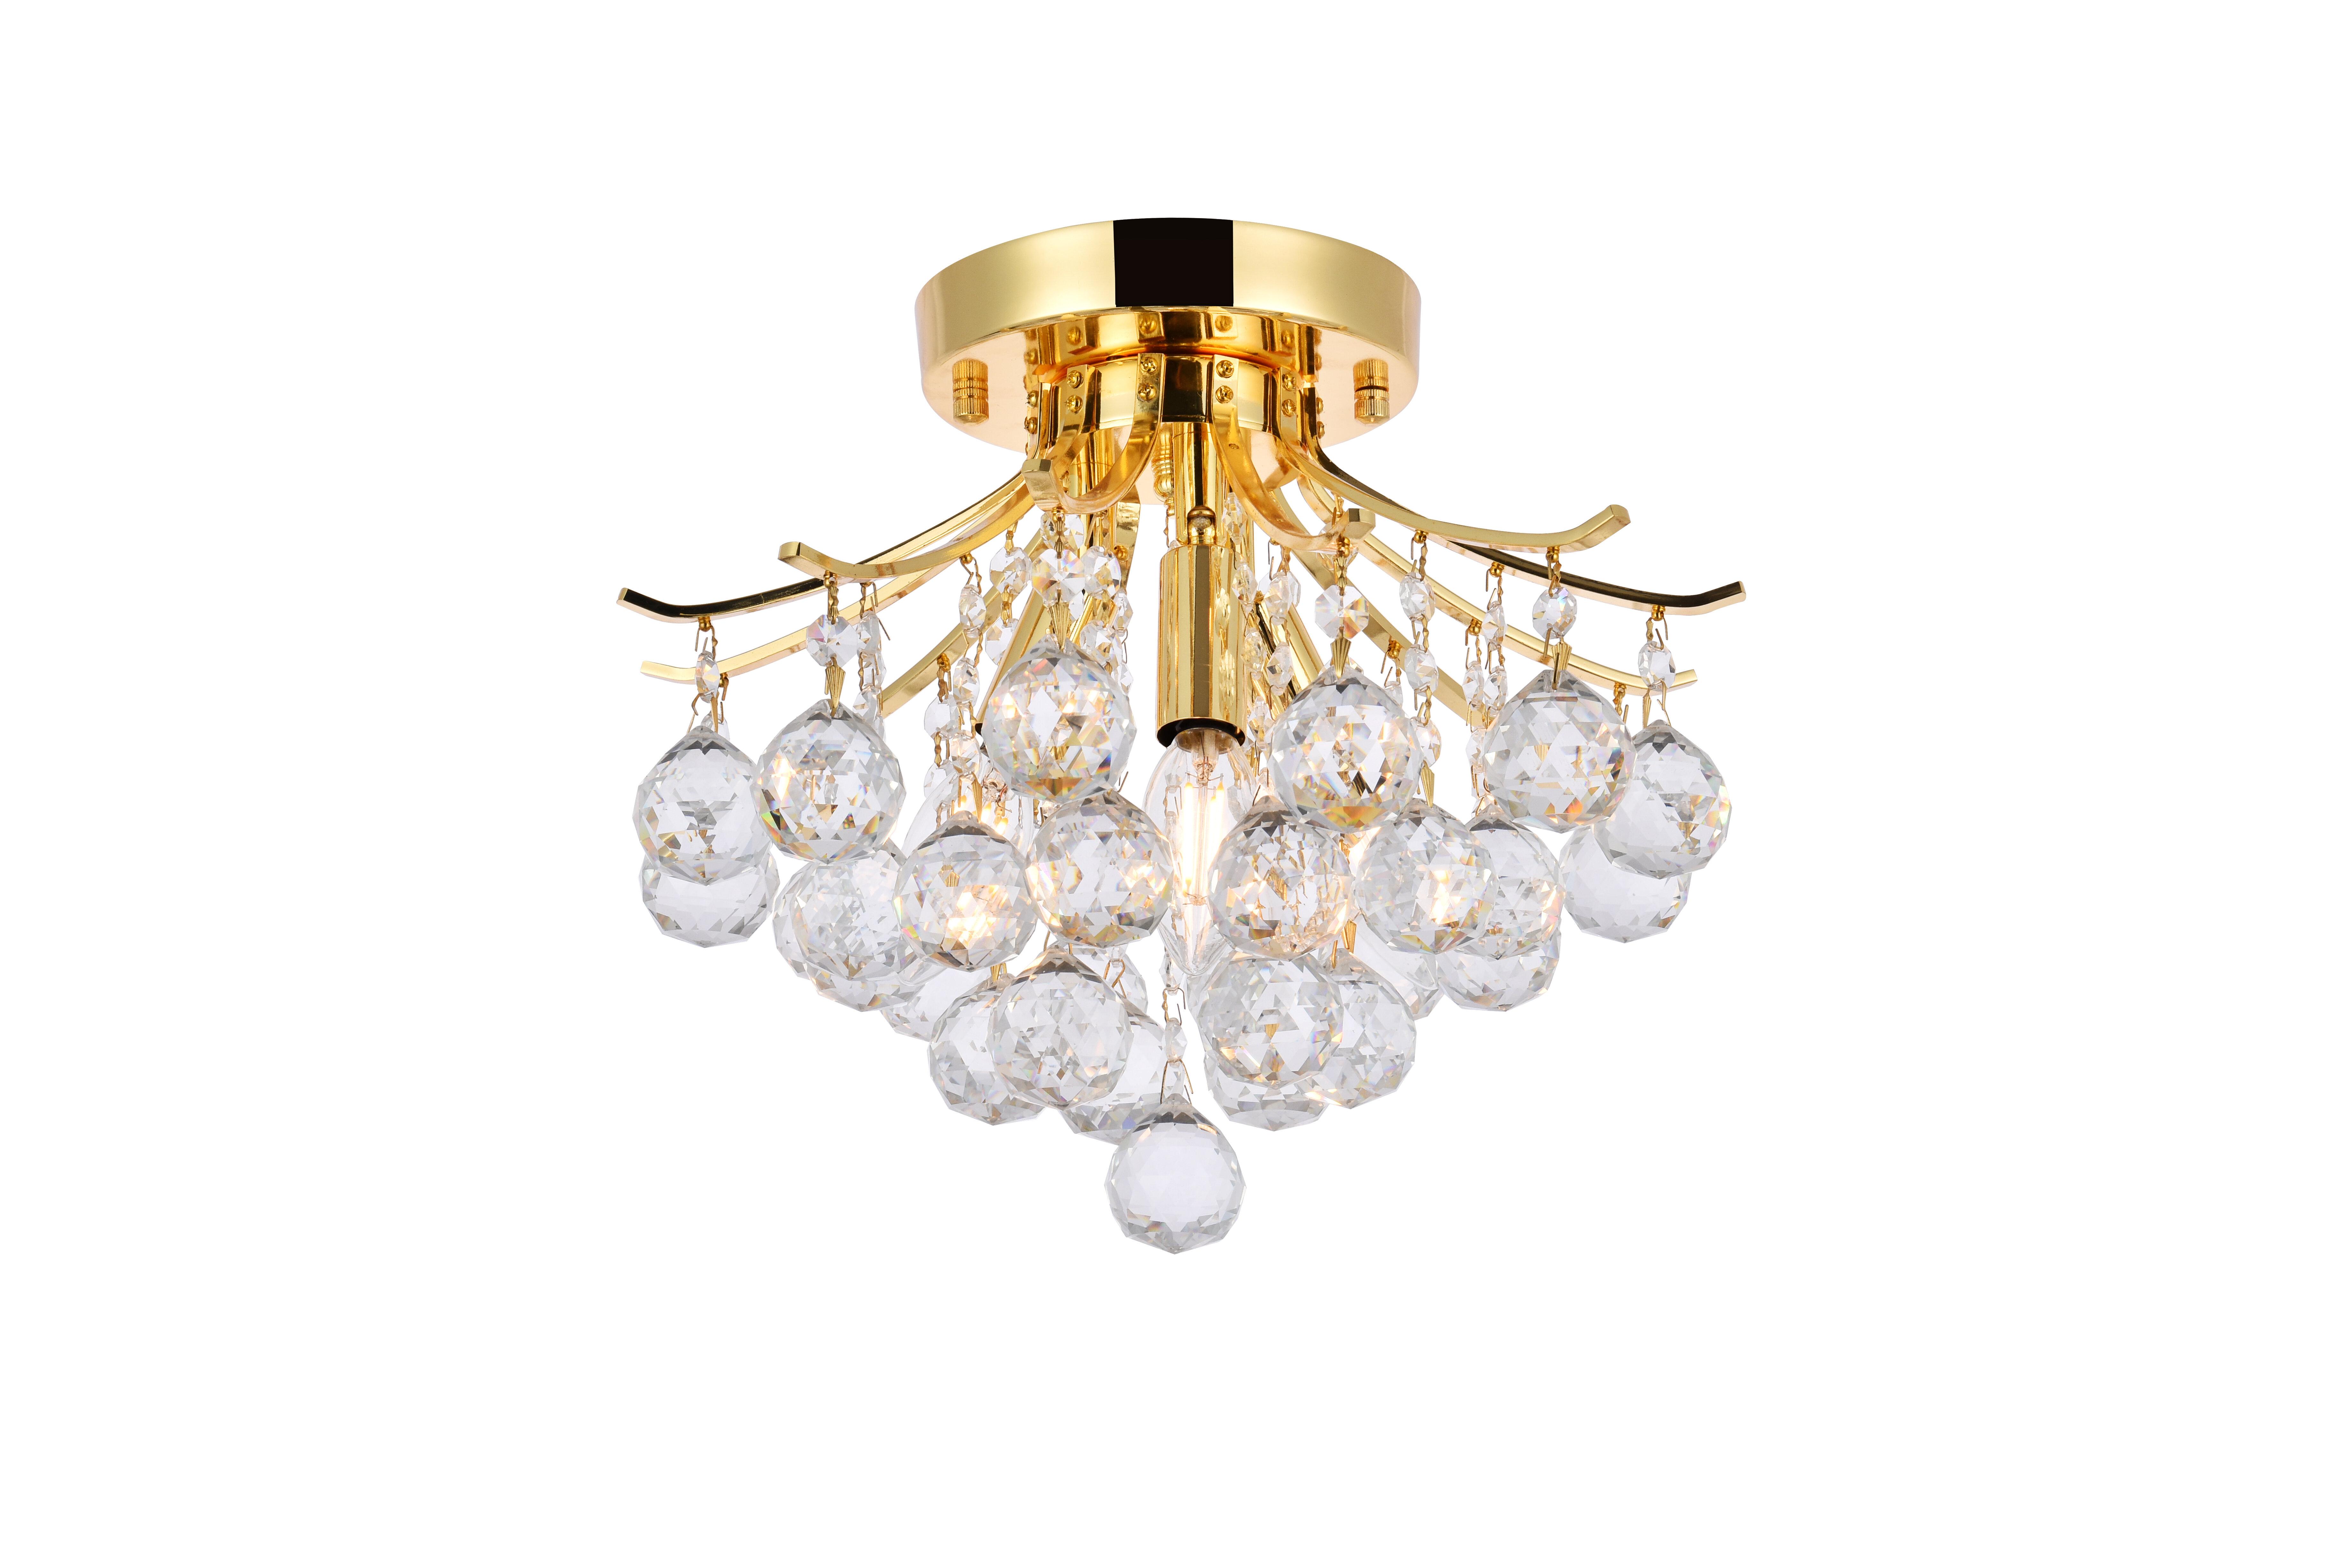 Mercer41 Mcallen 3 Light Chandelier Style Tiered Flush Mount Reviews Wayfair